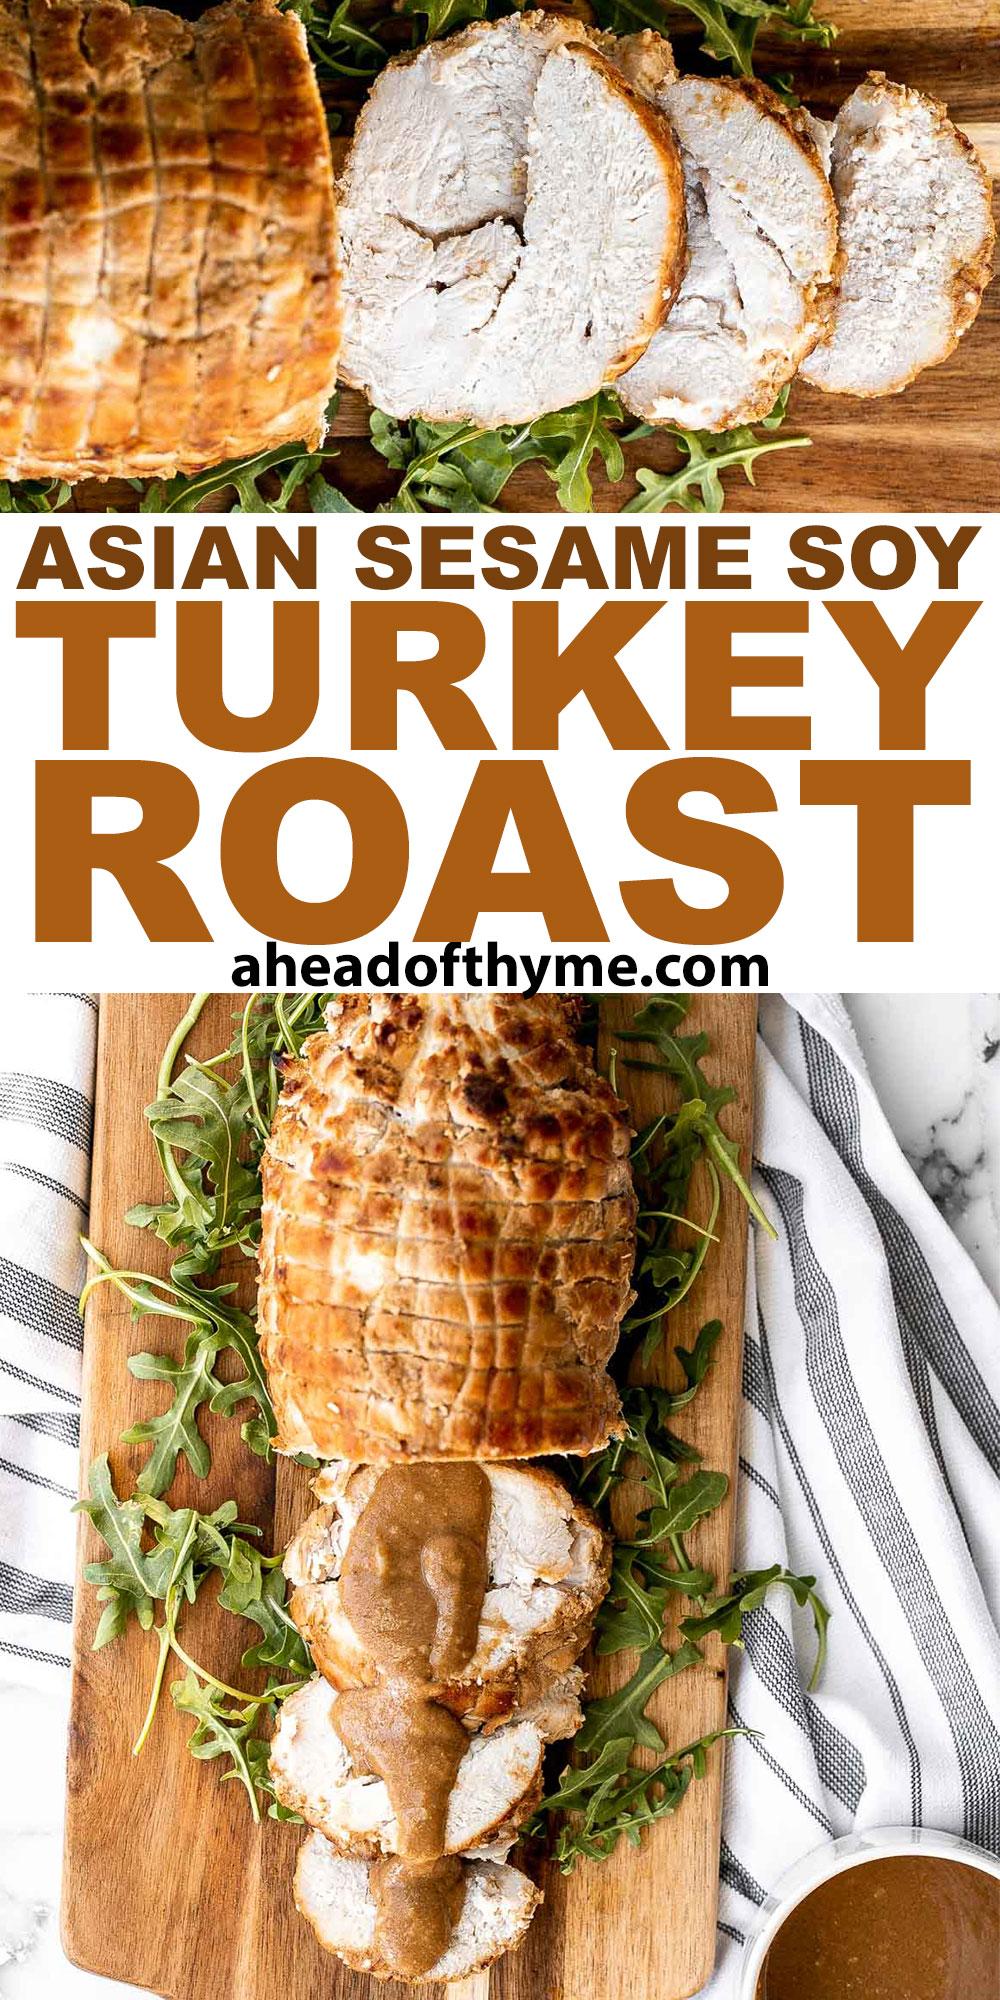 Asian Sesame Soy Turkey Roast